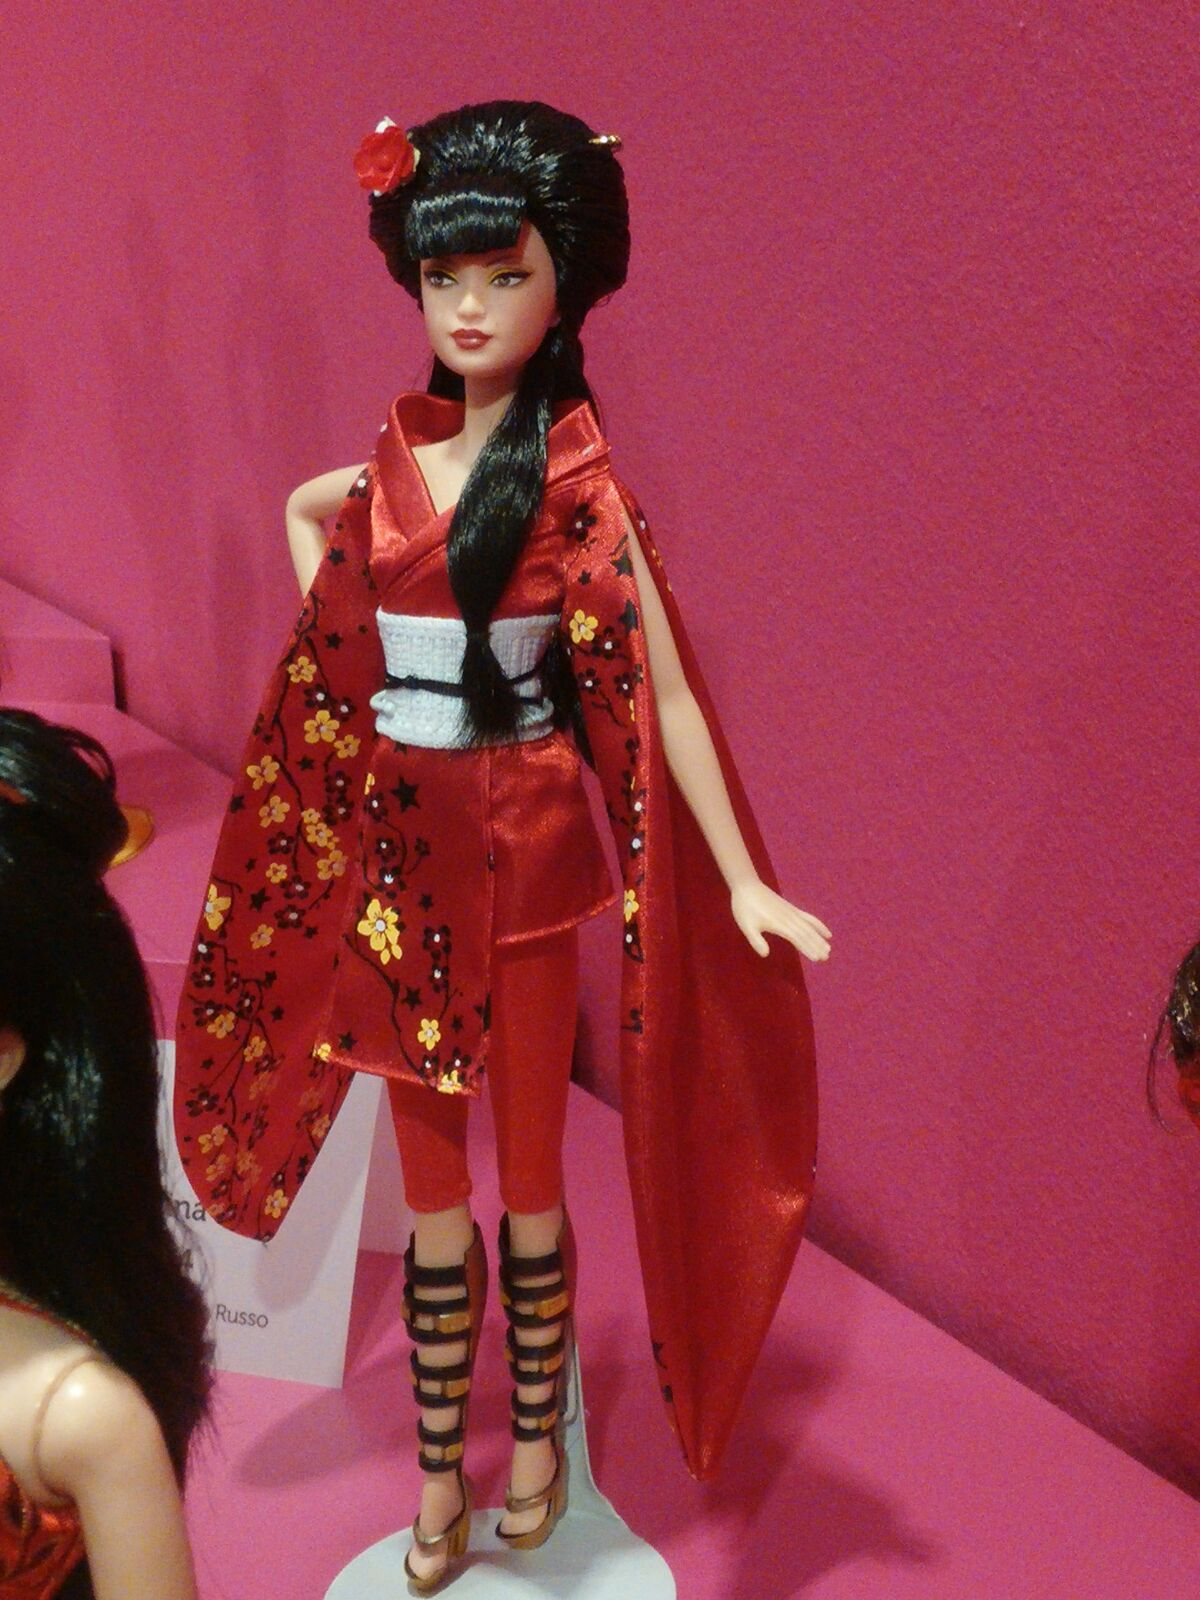 exposicion barbie 3